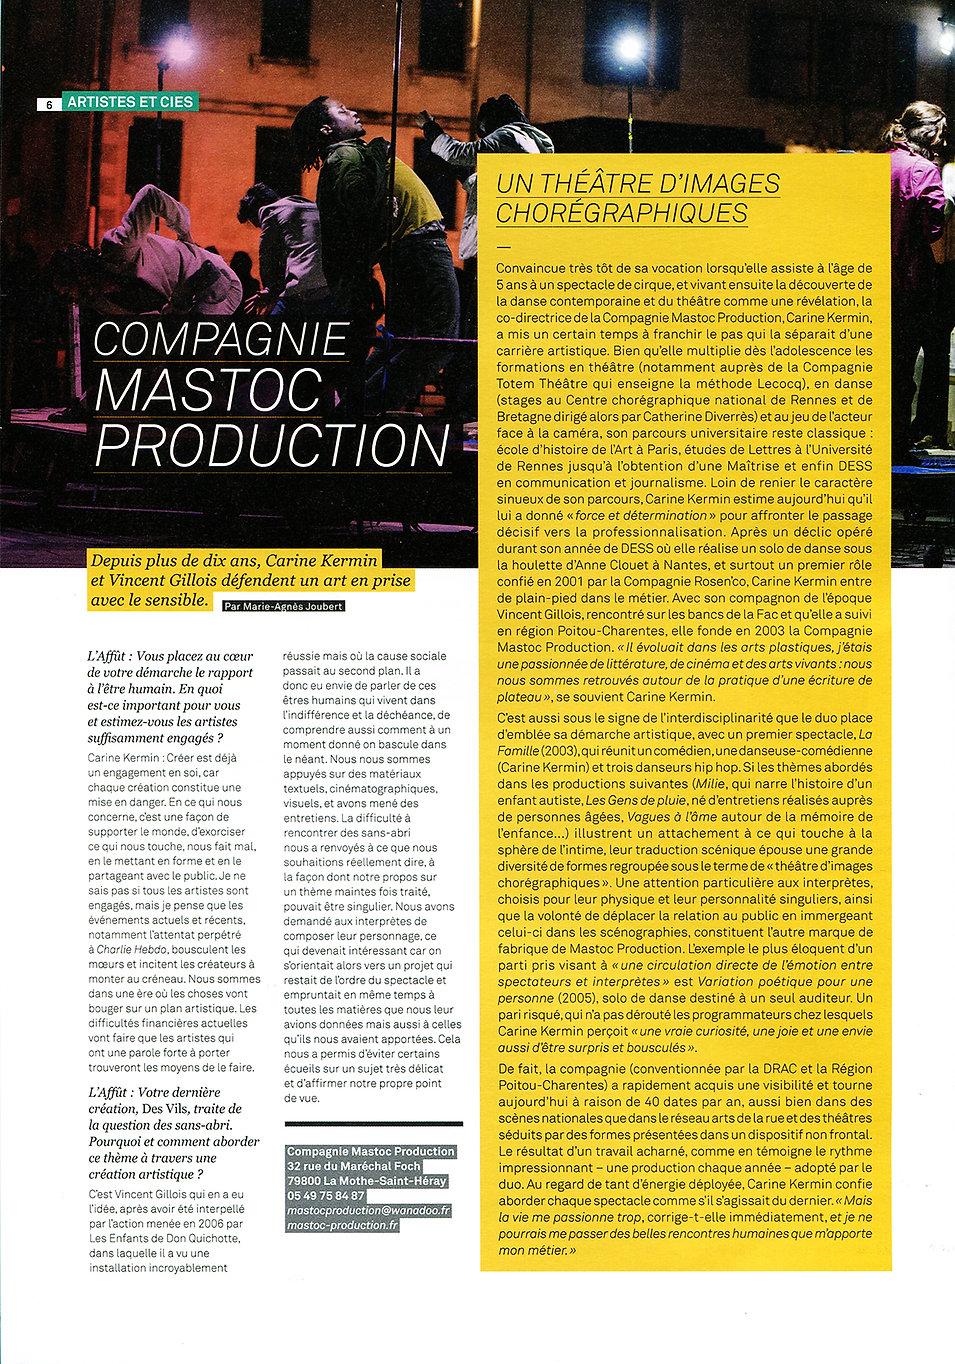 Cie-mastoc-production